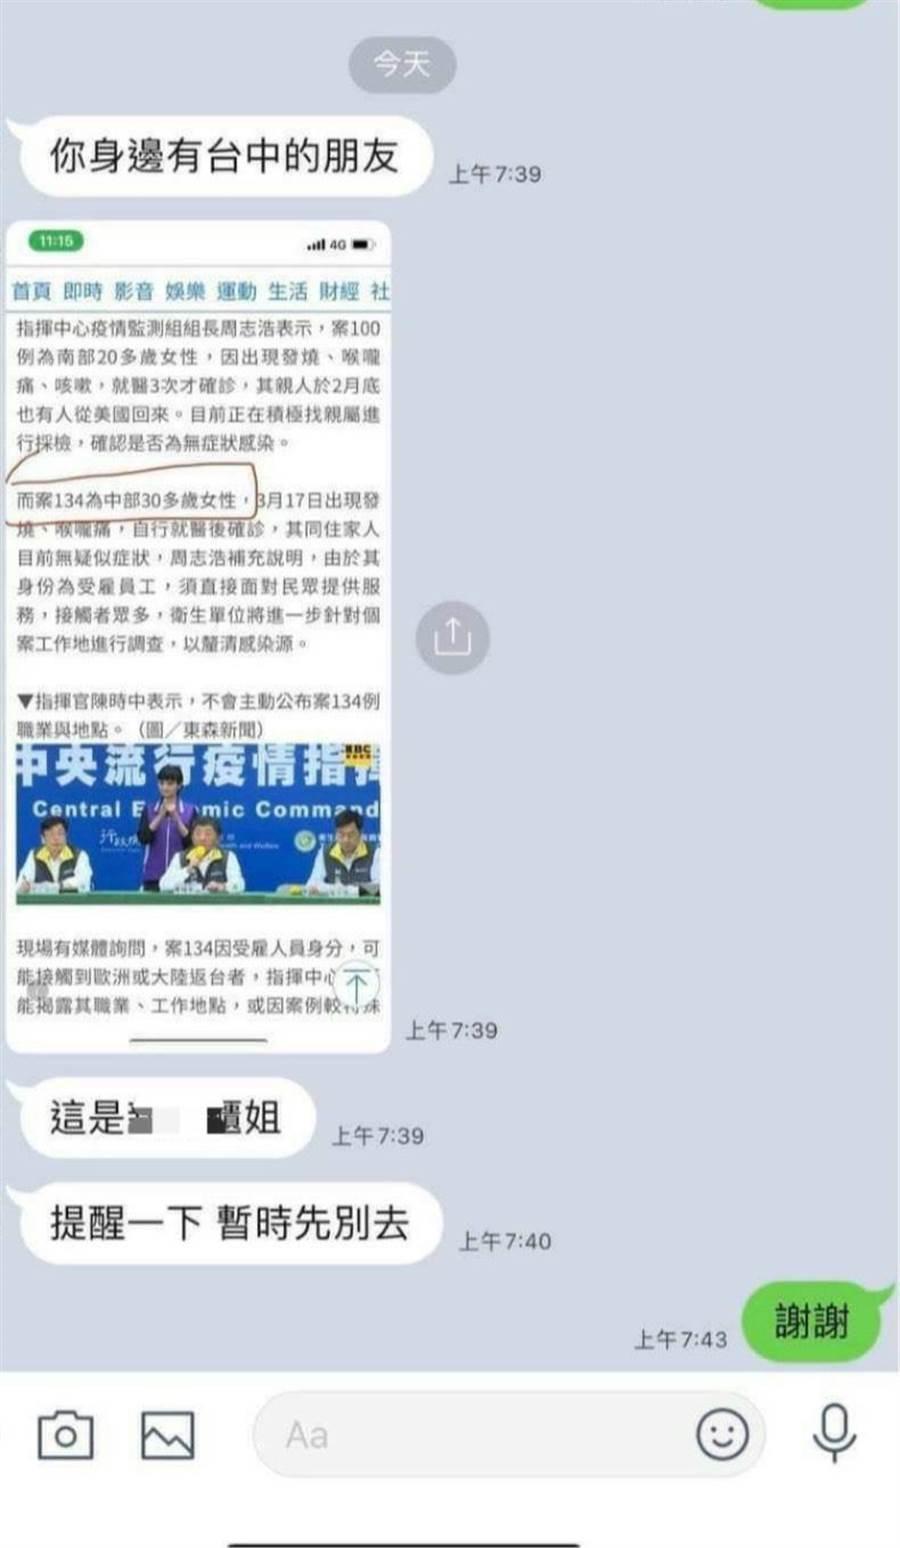 台中市有民眾在未經審慎查證下,就在社群軟體發文,卻不知未經查證,已造成民眾恐慌。(翻攝照片/盧金足台中傳真)